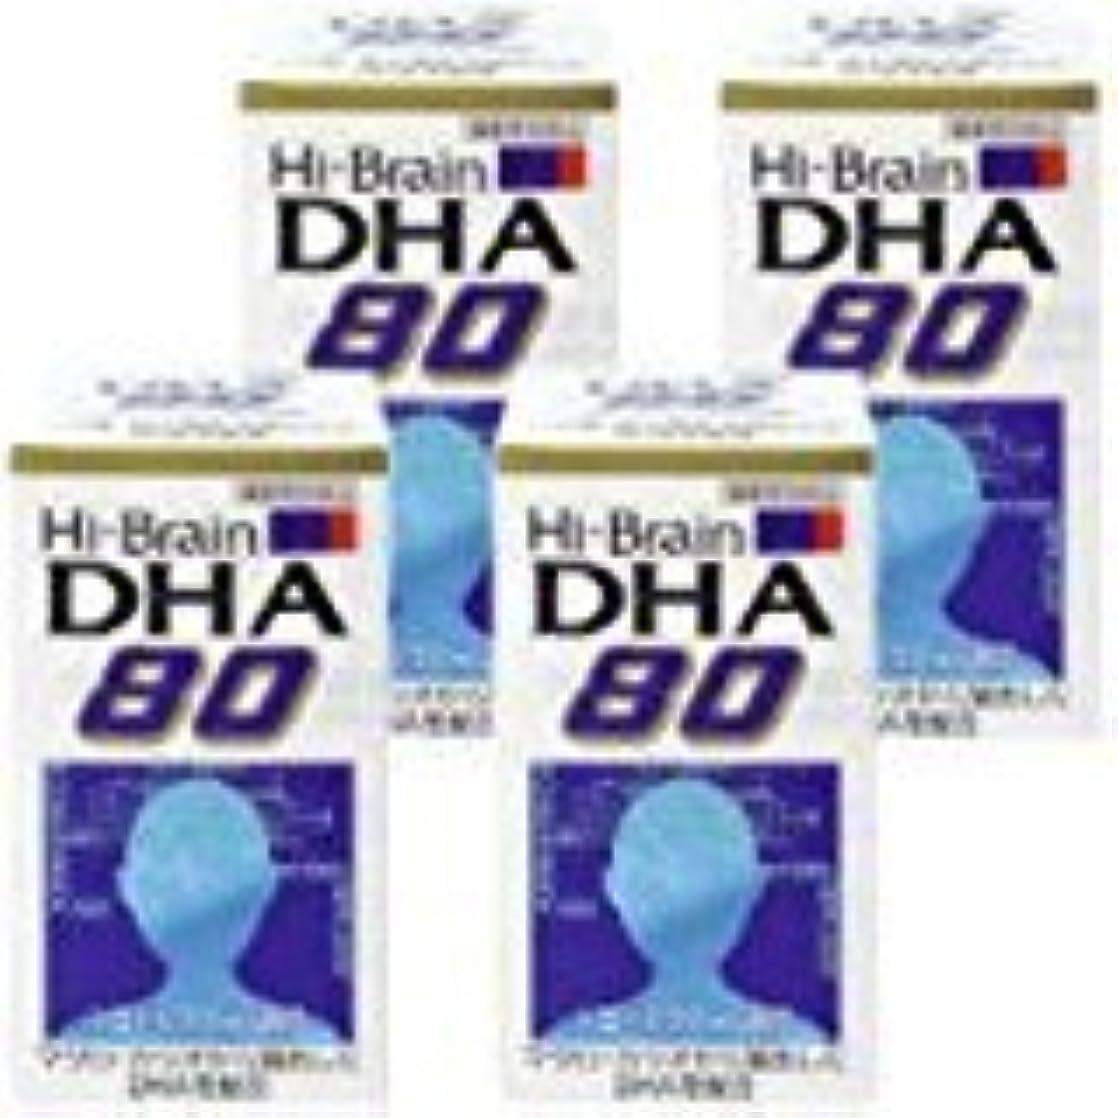 針かび臭い物思いにふけるハイブレーンDHA80 4個